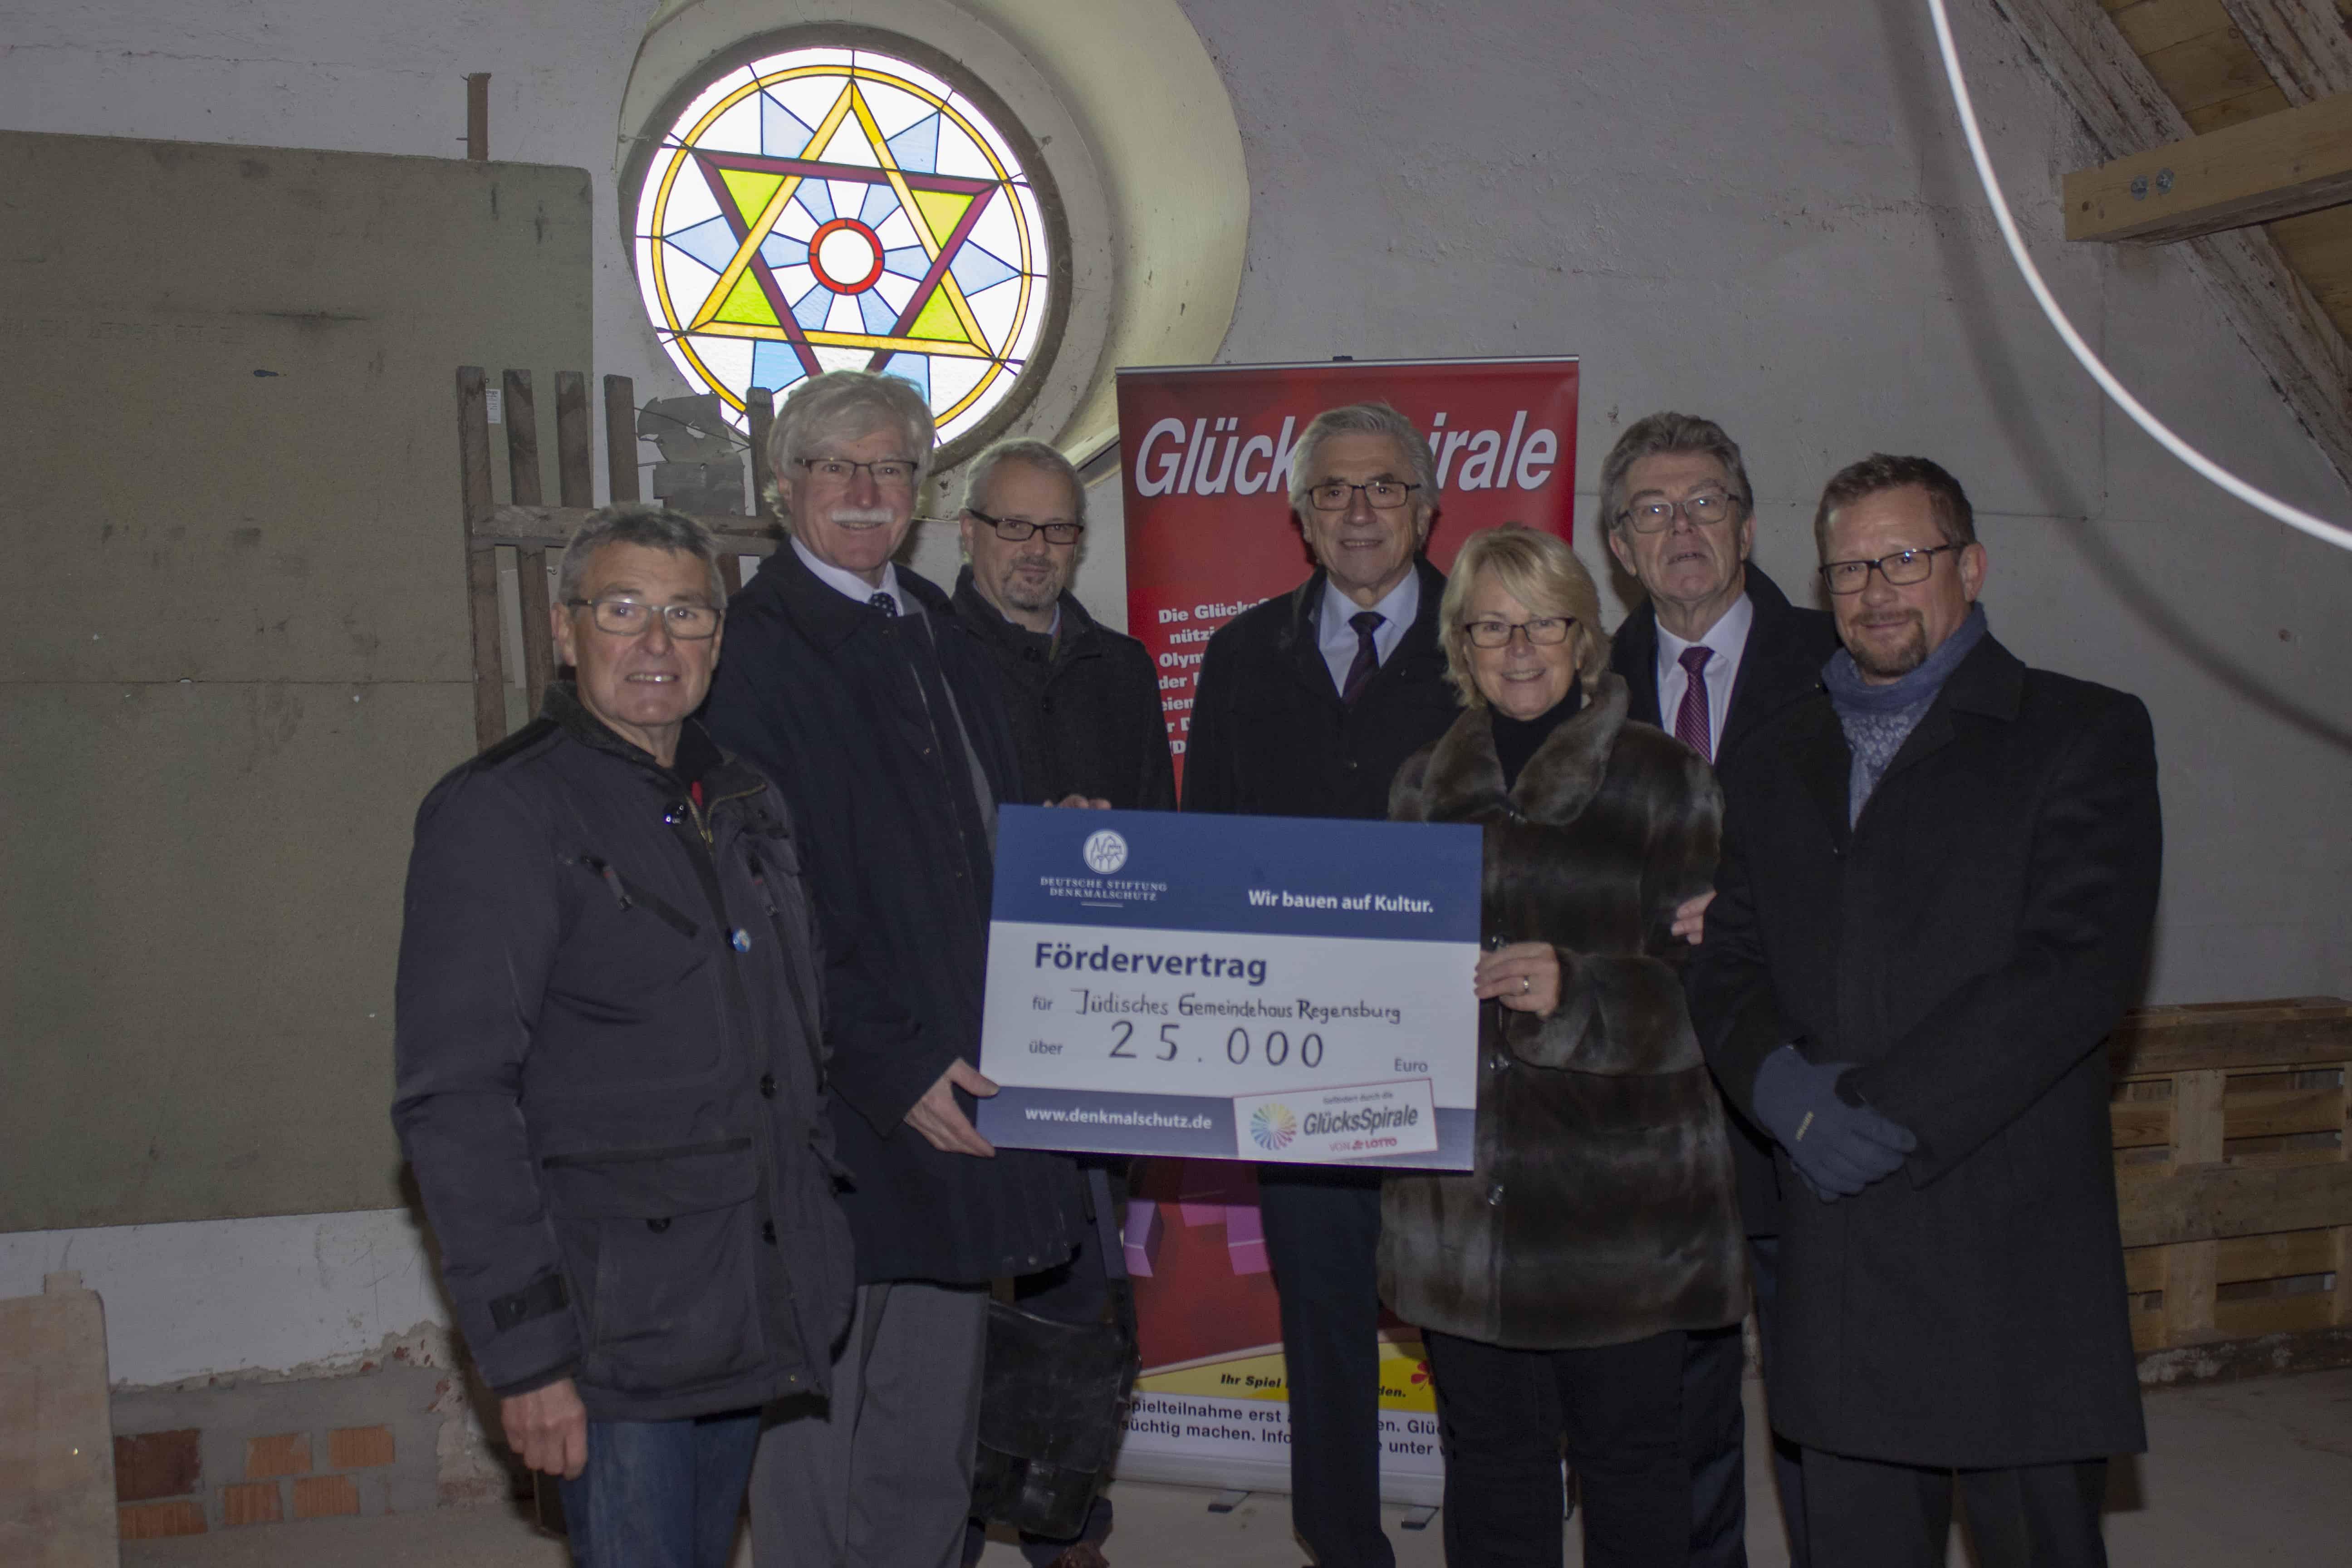 Die Zukunft bauen Zuschuss von Lotto Bayern für das Dach des jüdischen Gemeindehauses